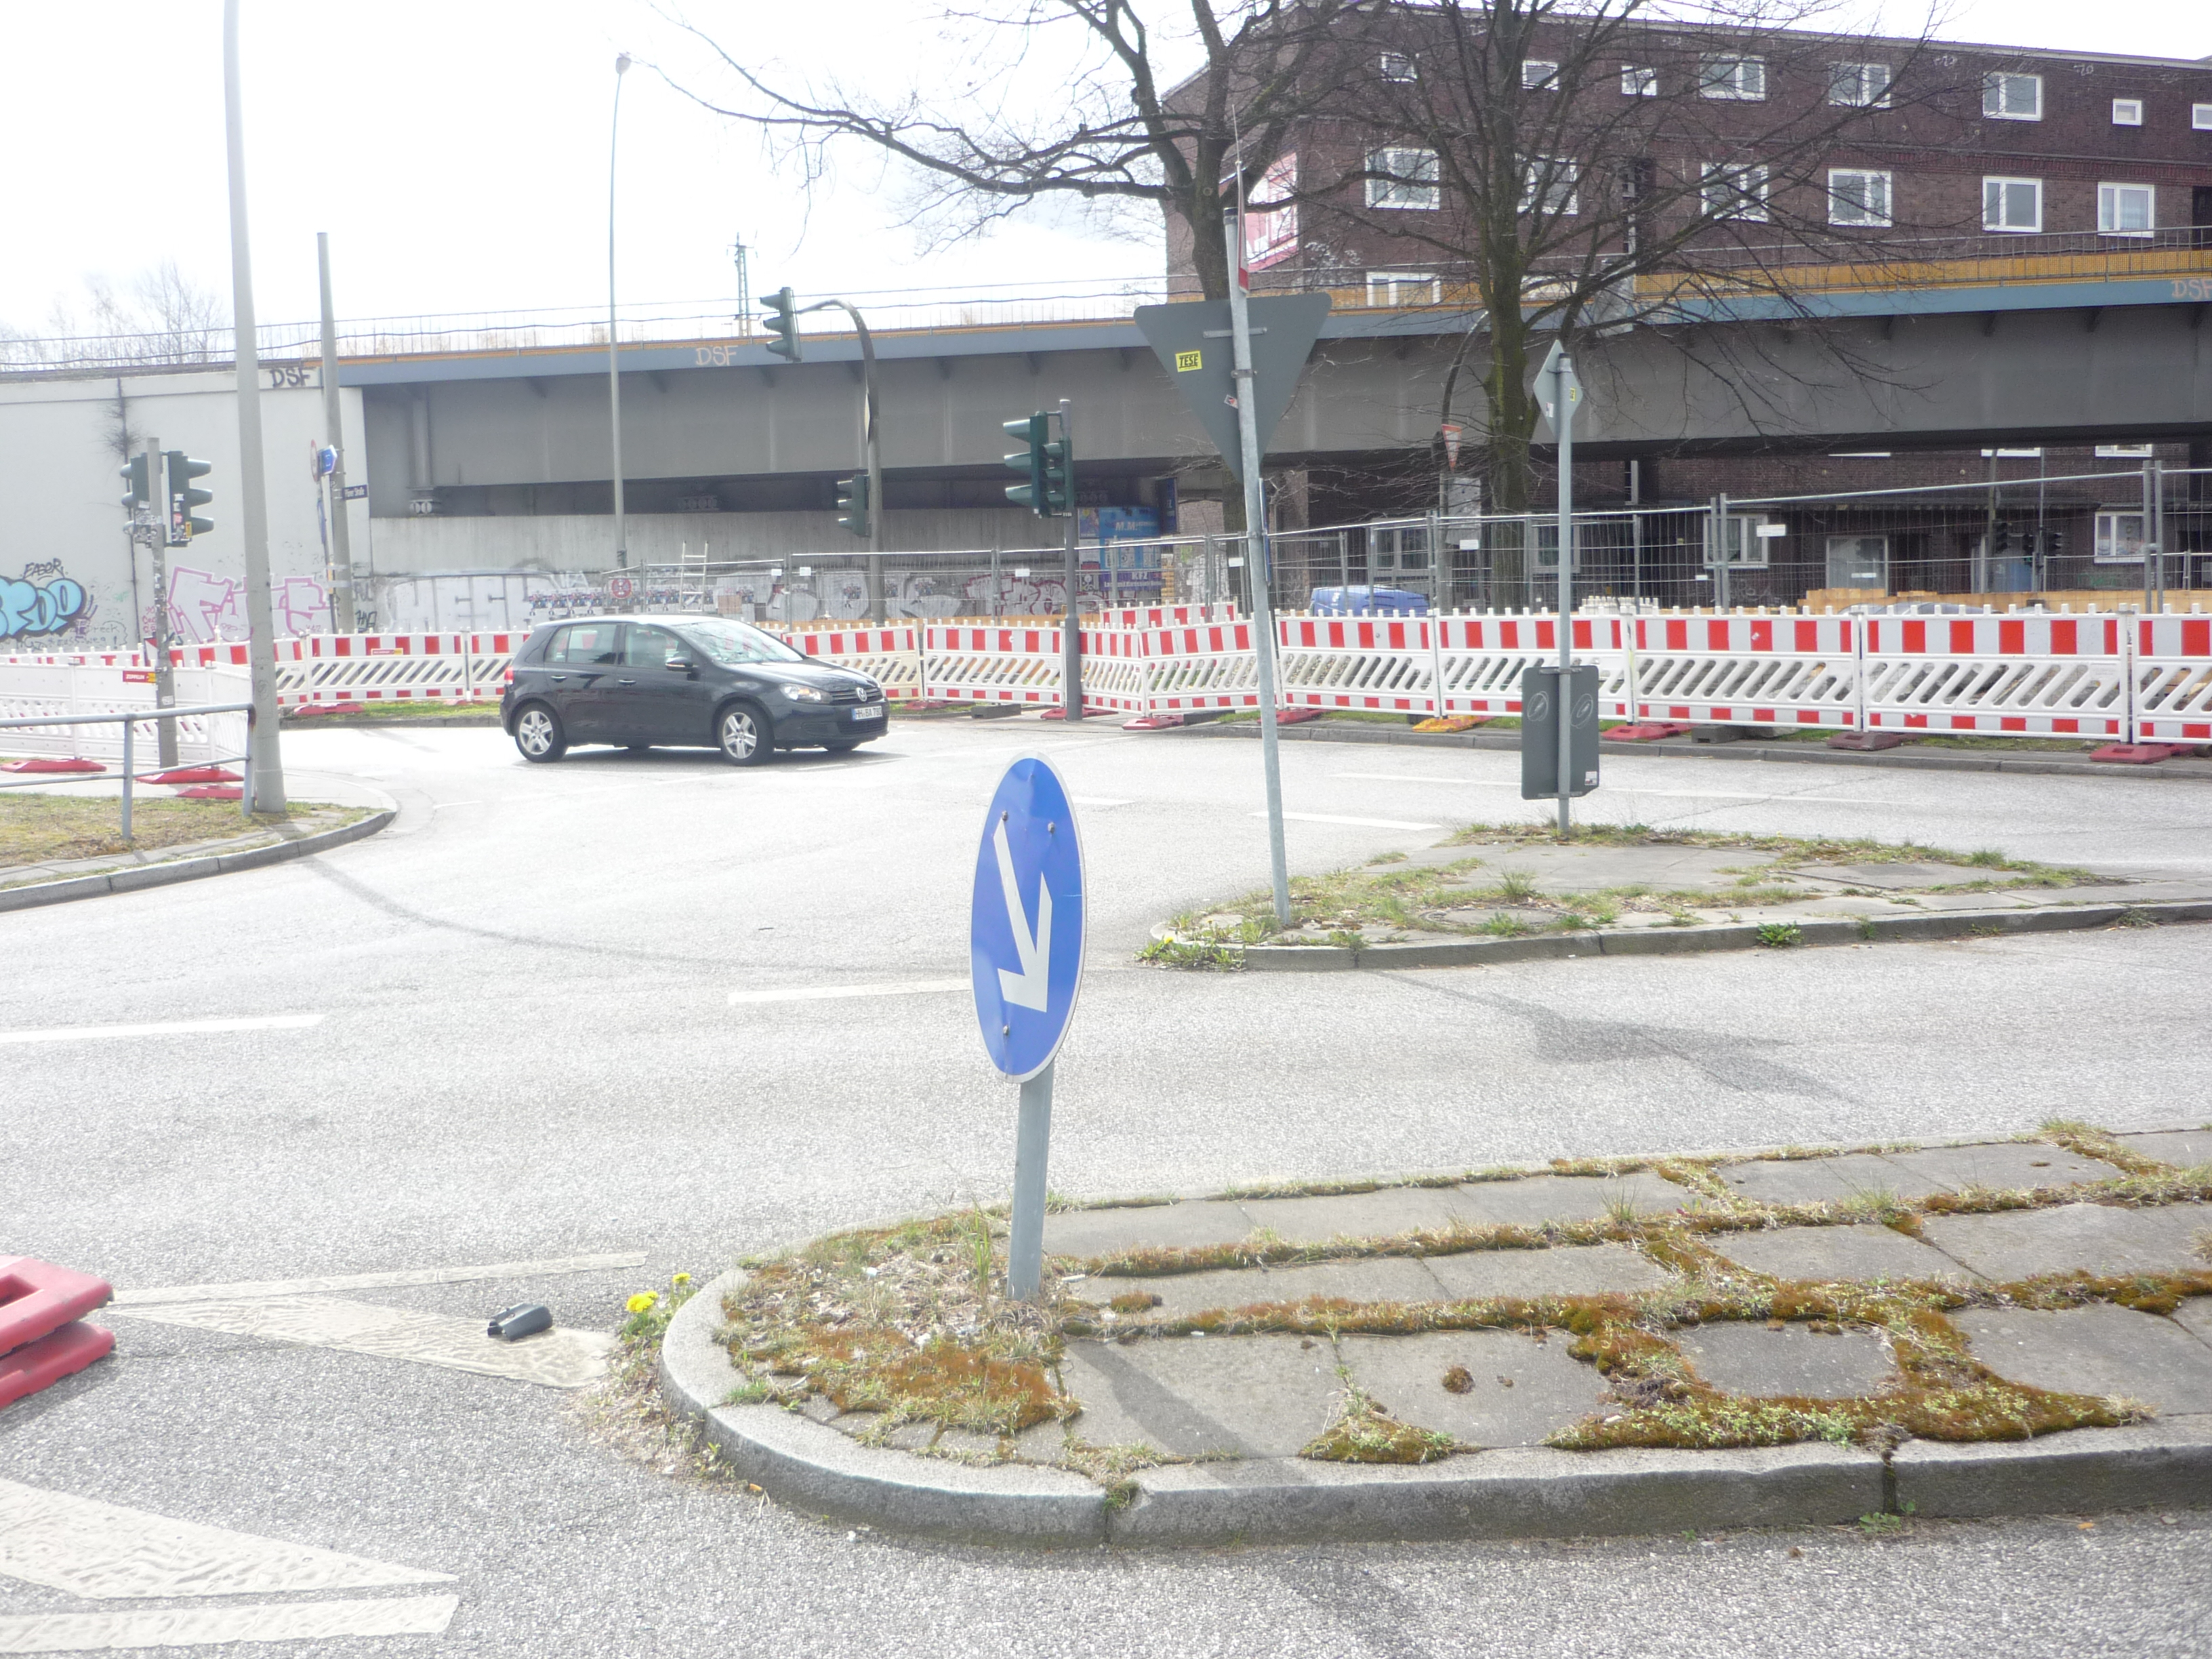 Die Zufahrt zur Plöner Straße